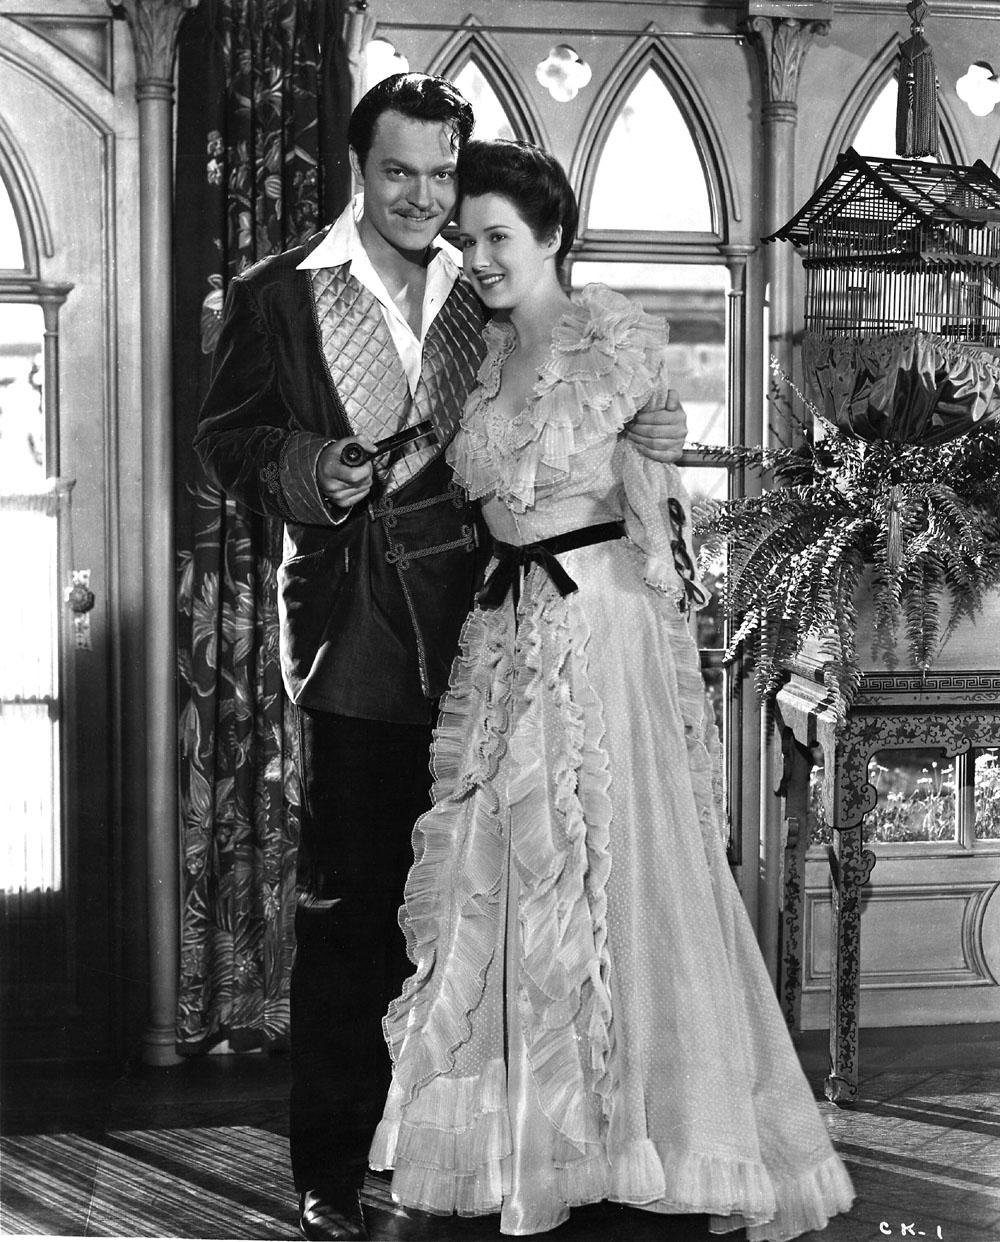 Orson Welles, Ruth Warrick in Citizen Kane